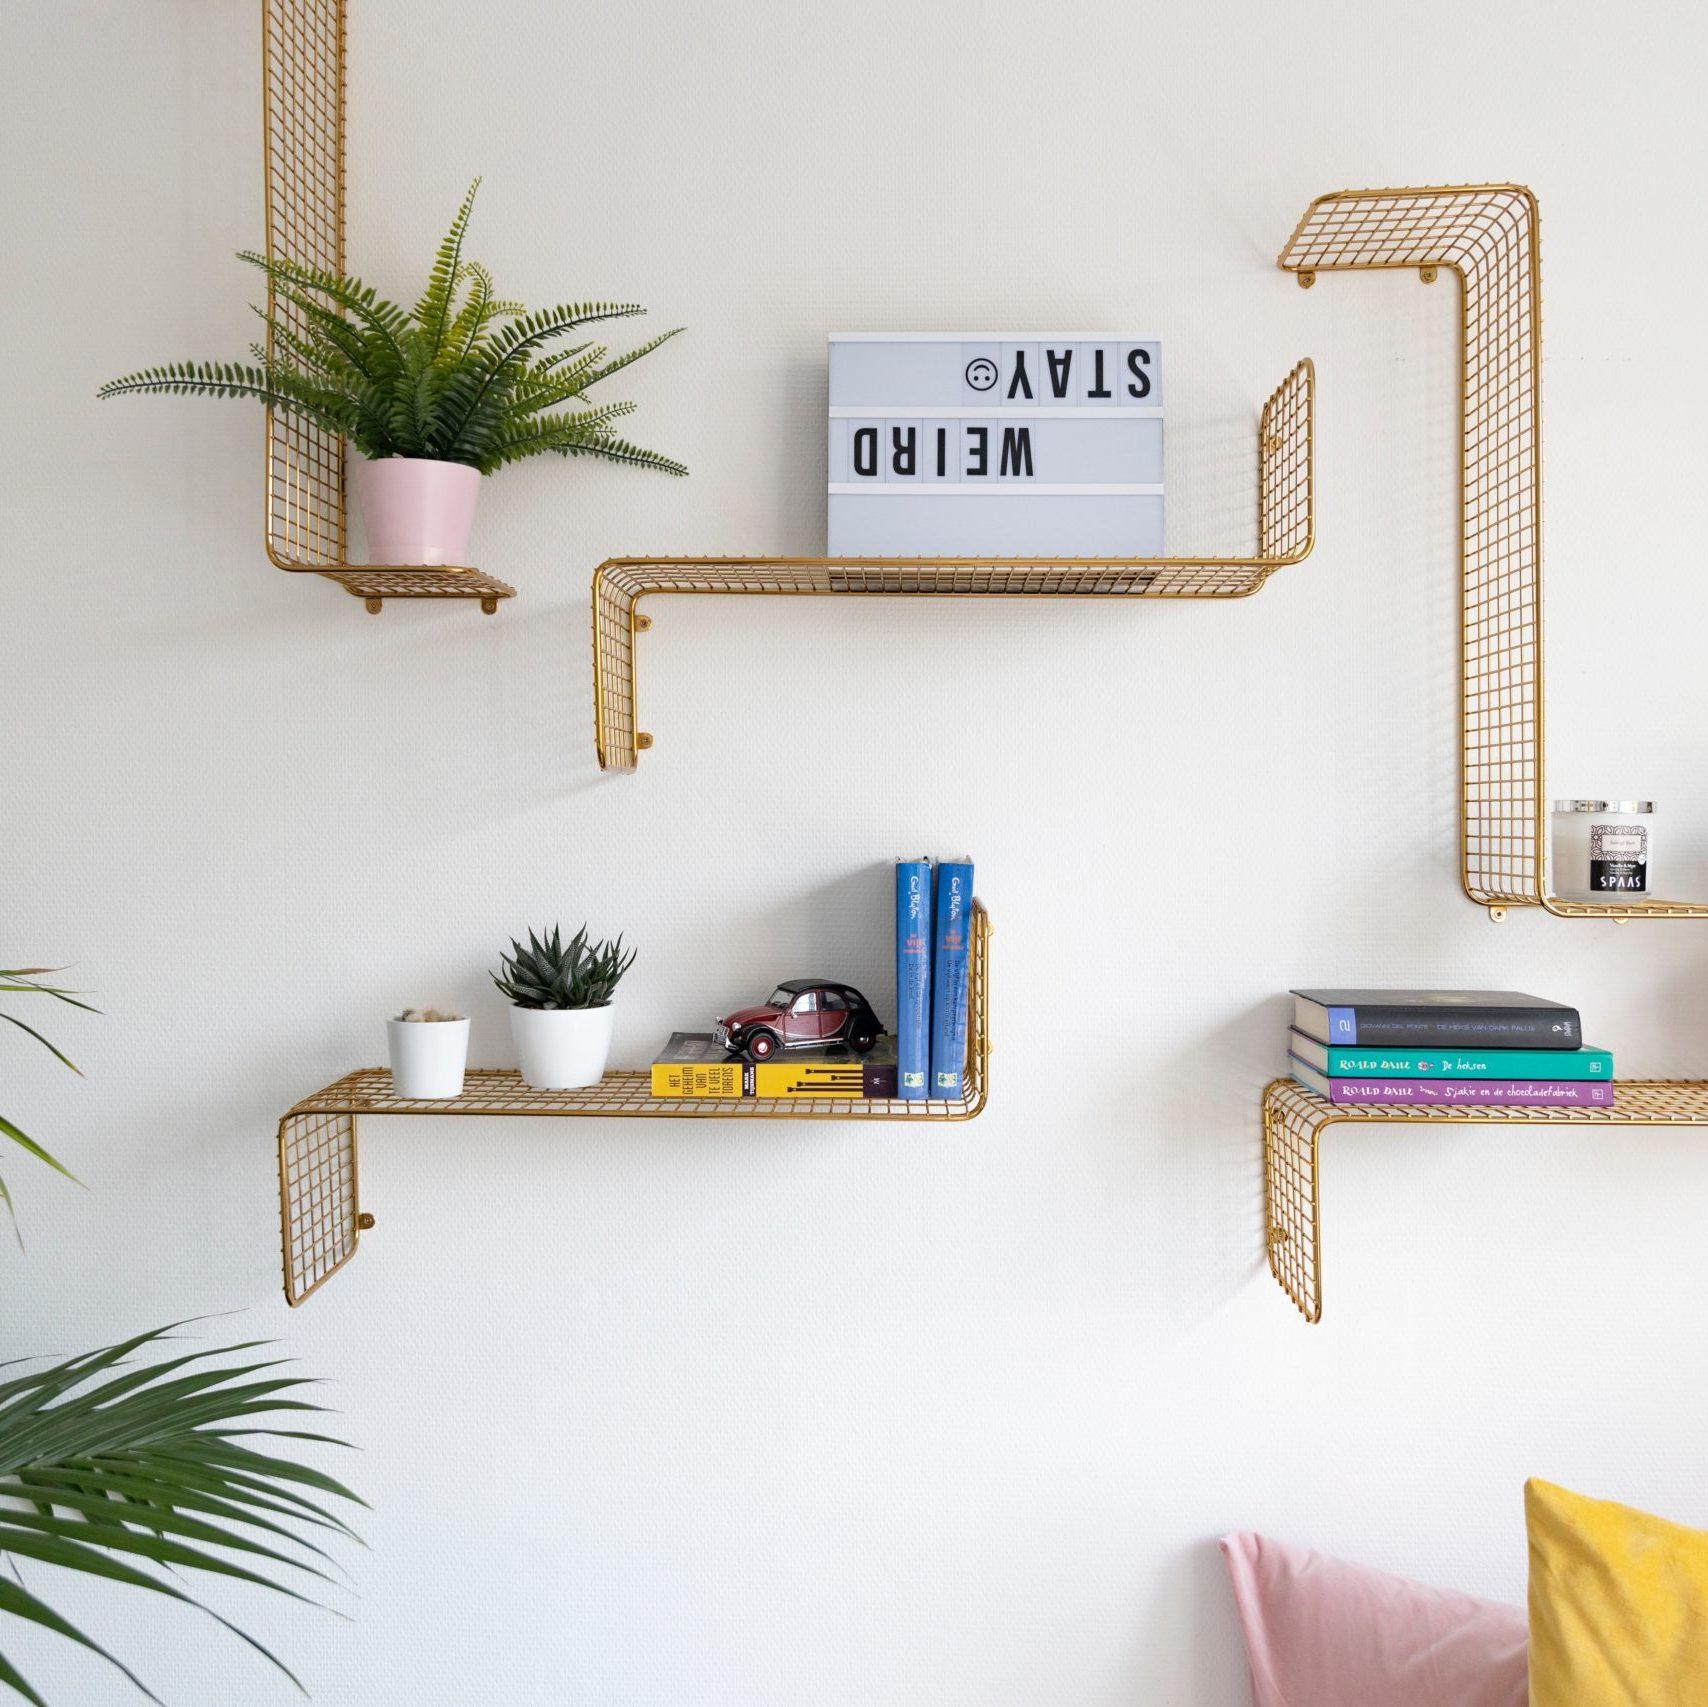 Style up a shelf